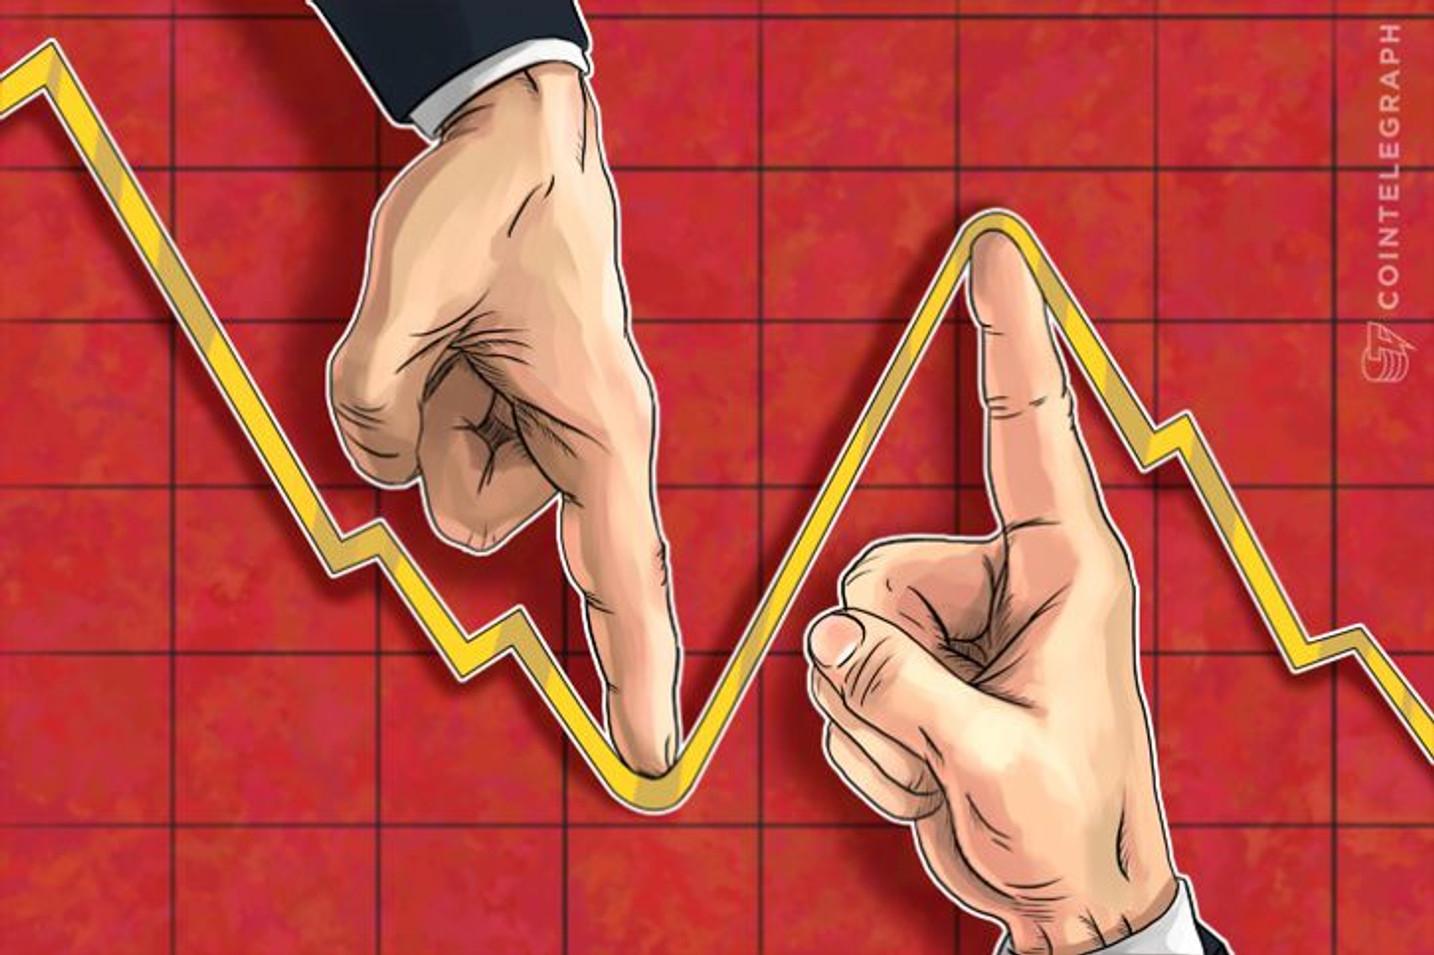 Futuros de Bitcoin da CME lançados - Possíveis resultados econômicos